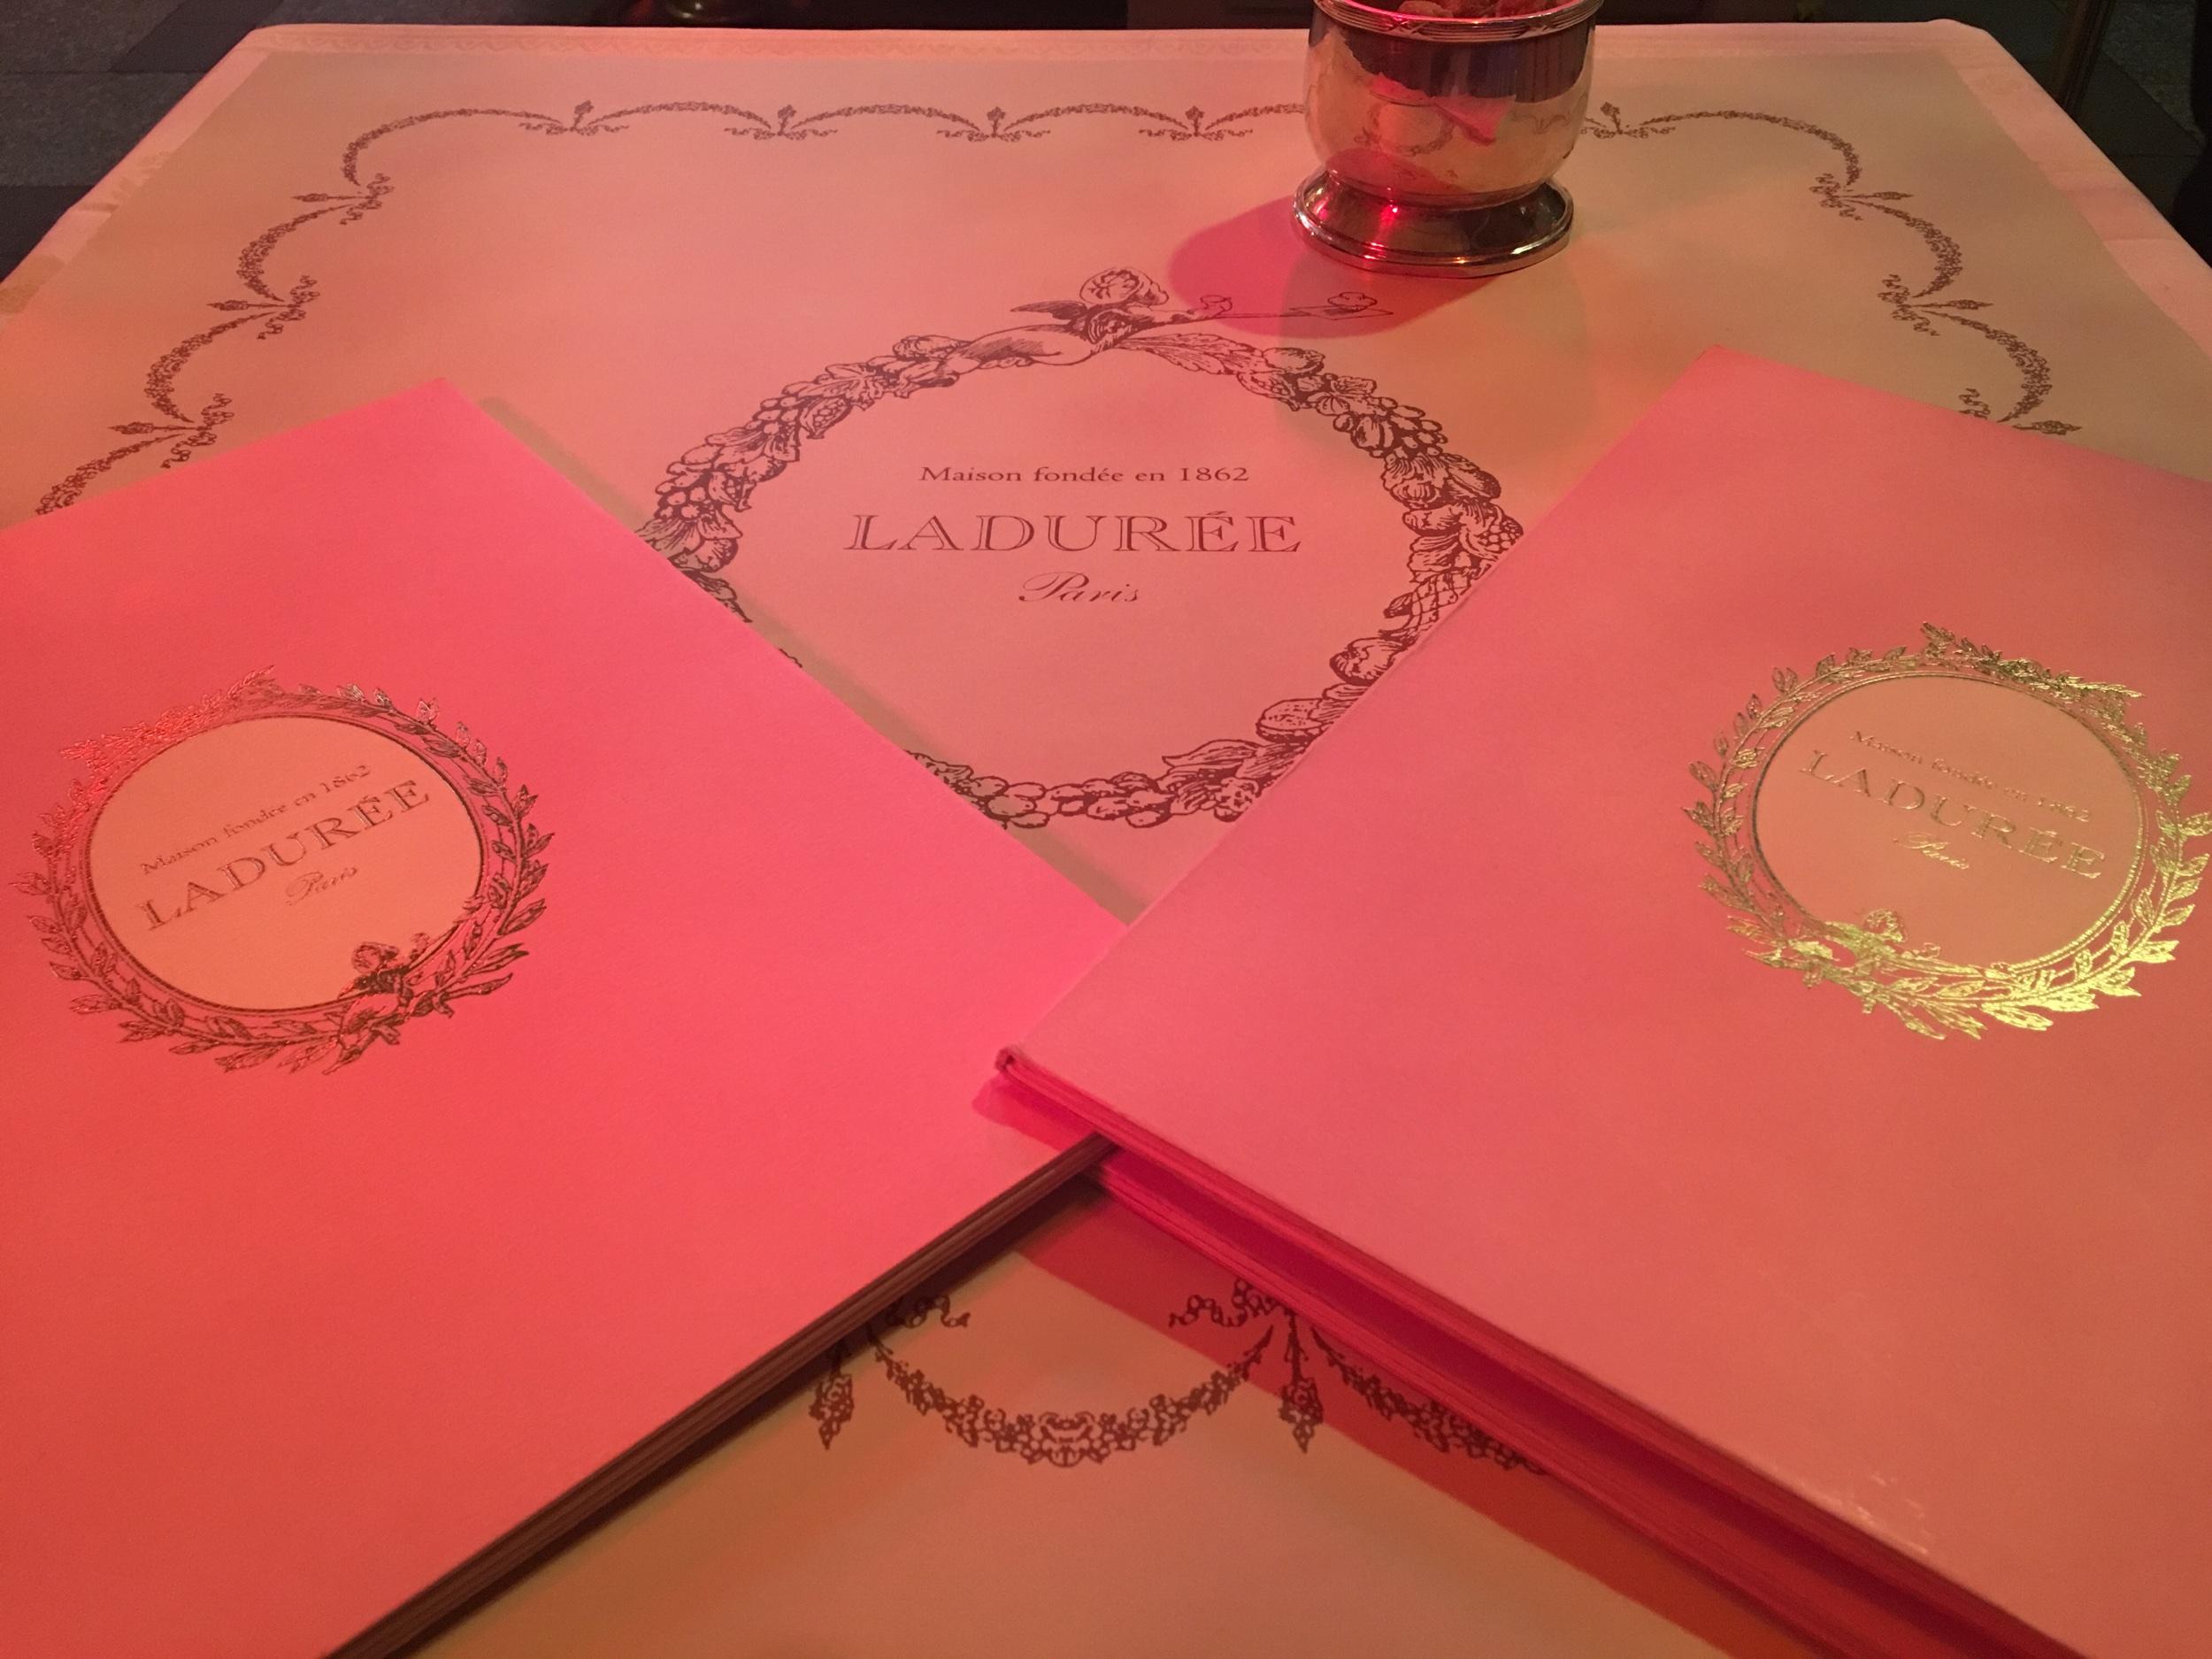 La Duree - Be sure to taste their incredible macarons!